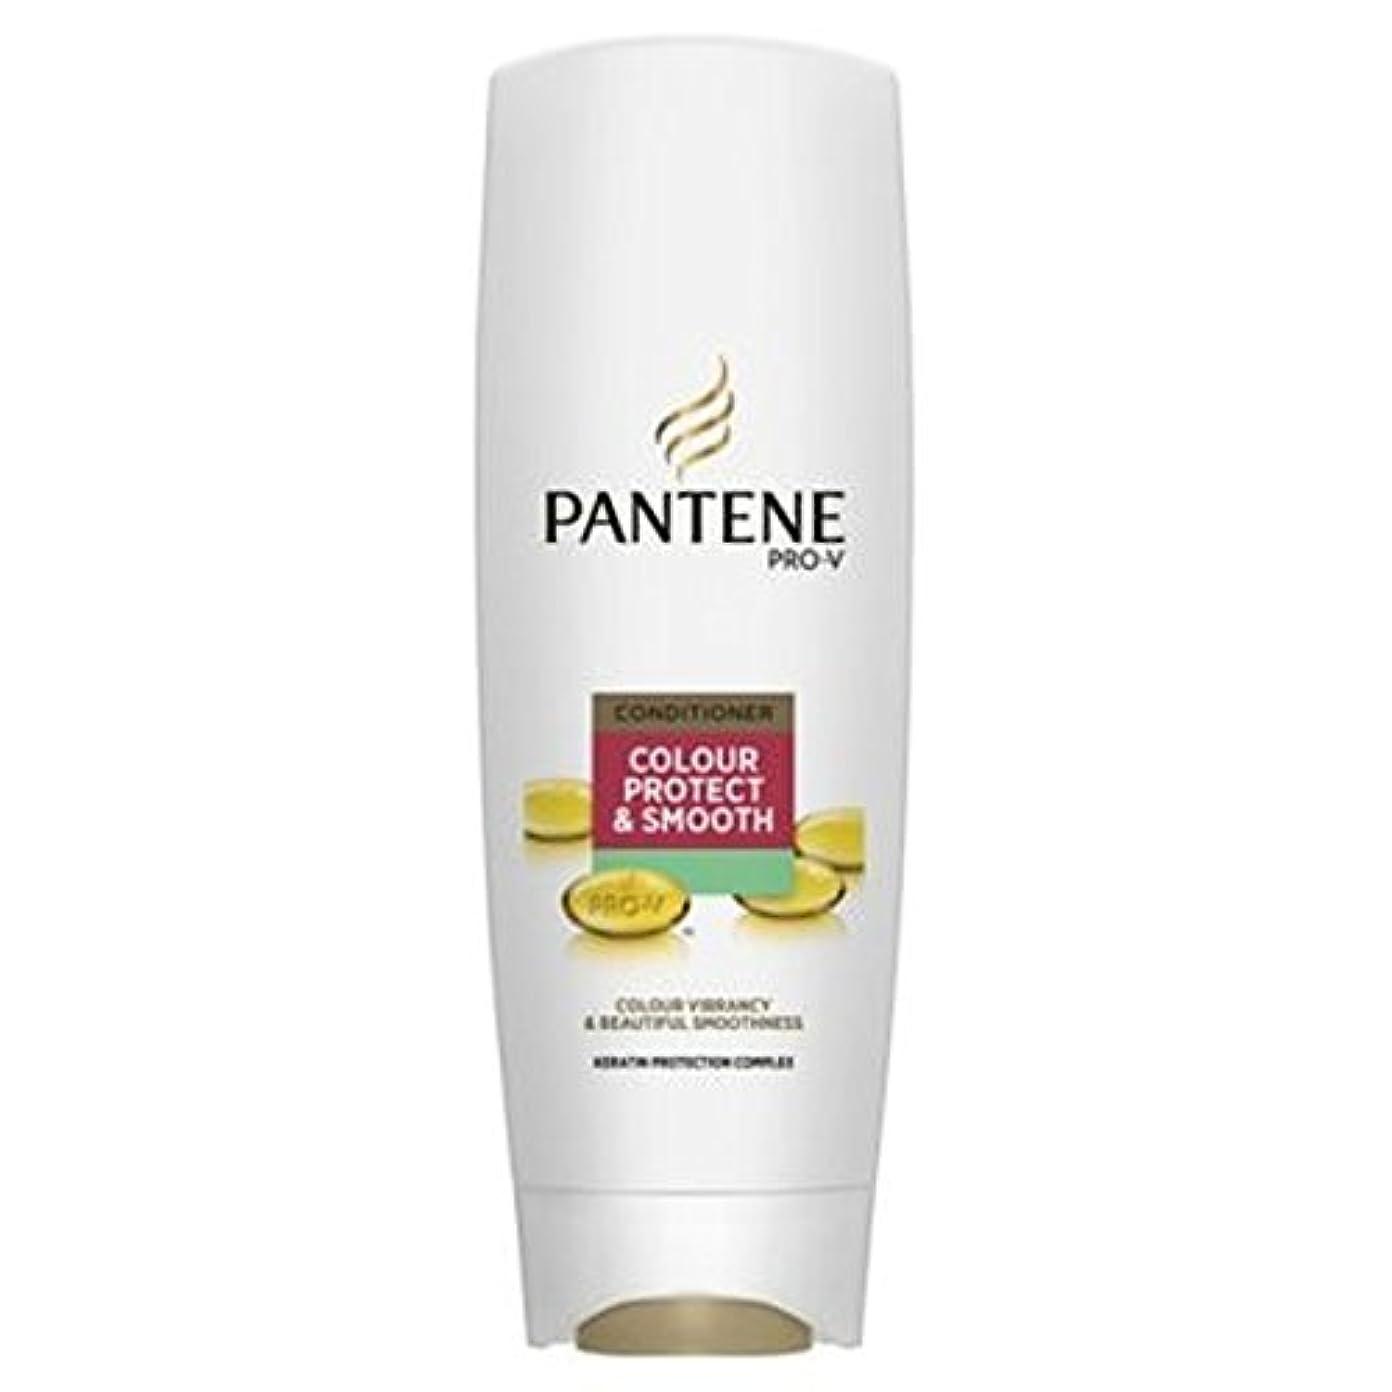 収容する図書館腹Pantene Pro-V Colour Protect & Smooth Conditioner 360ml - パンテーンプロVの色保護&スムーズコンディショナー360ミリリットル (Pantene) [並行輸入品]